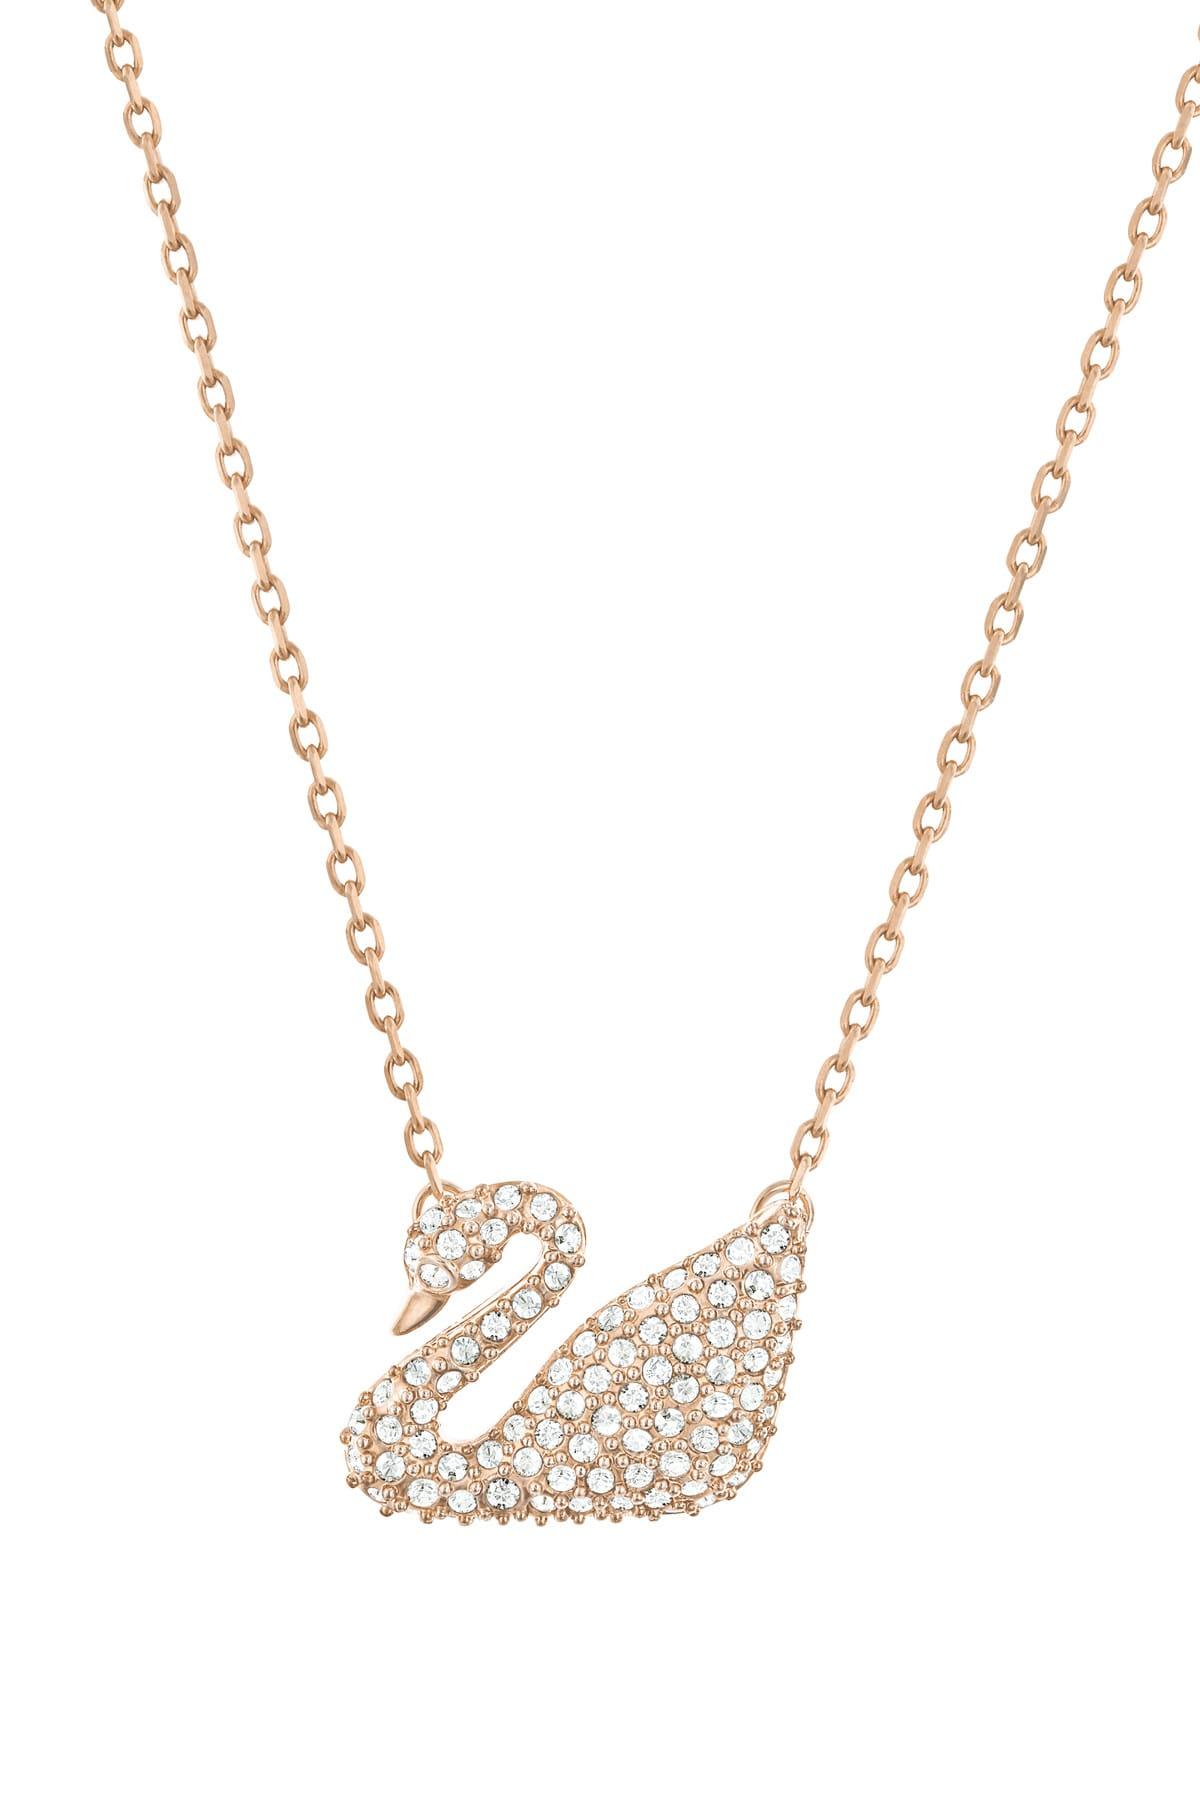 Swarovski Kadın Kolye Swan:Necklace Cry/Ros 5121597 2